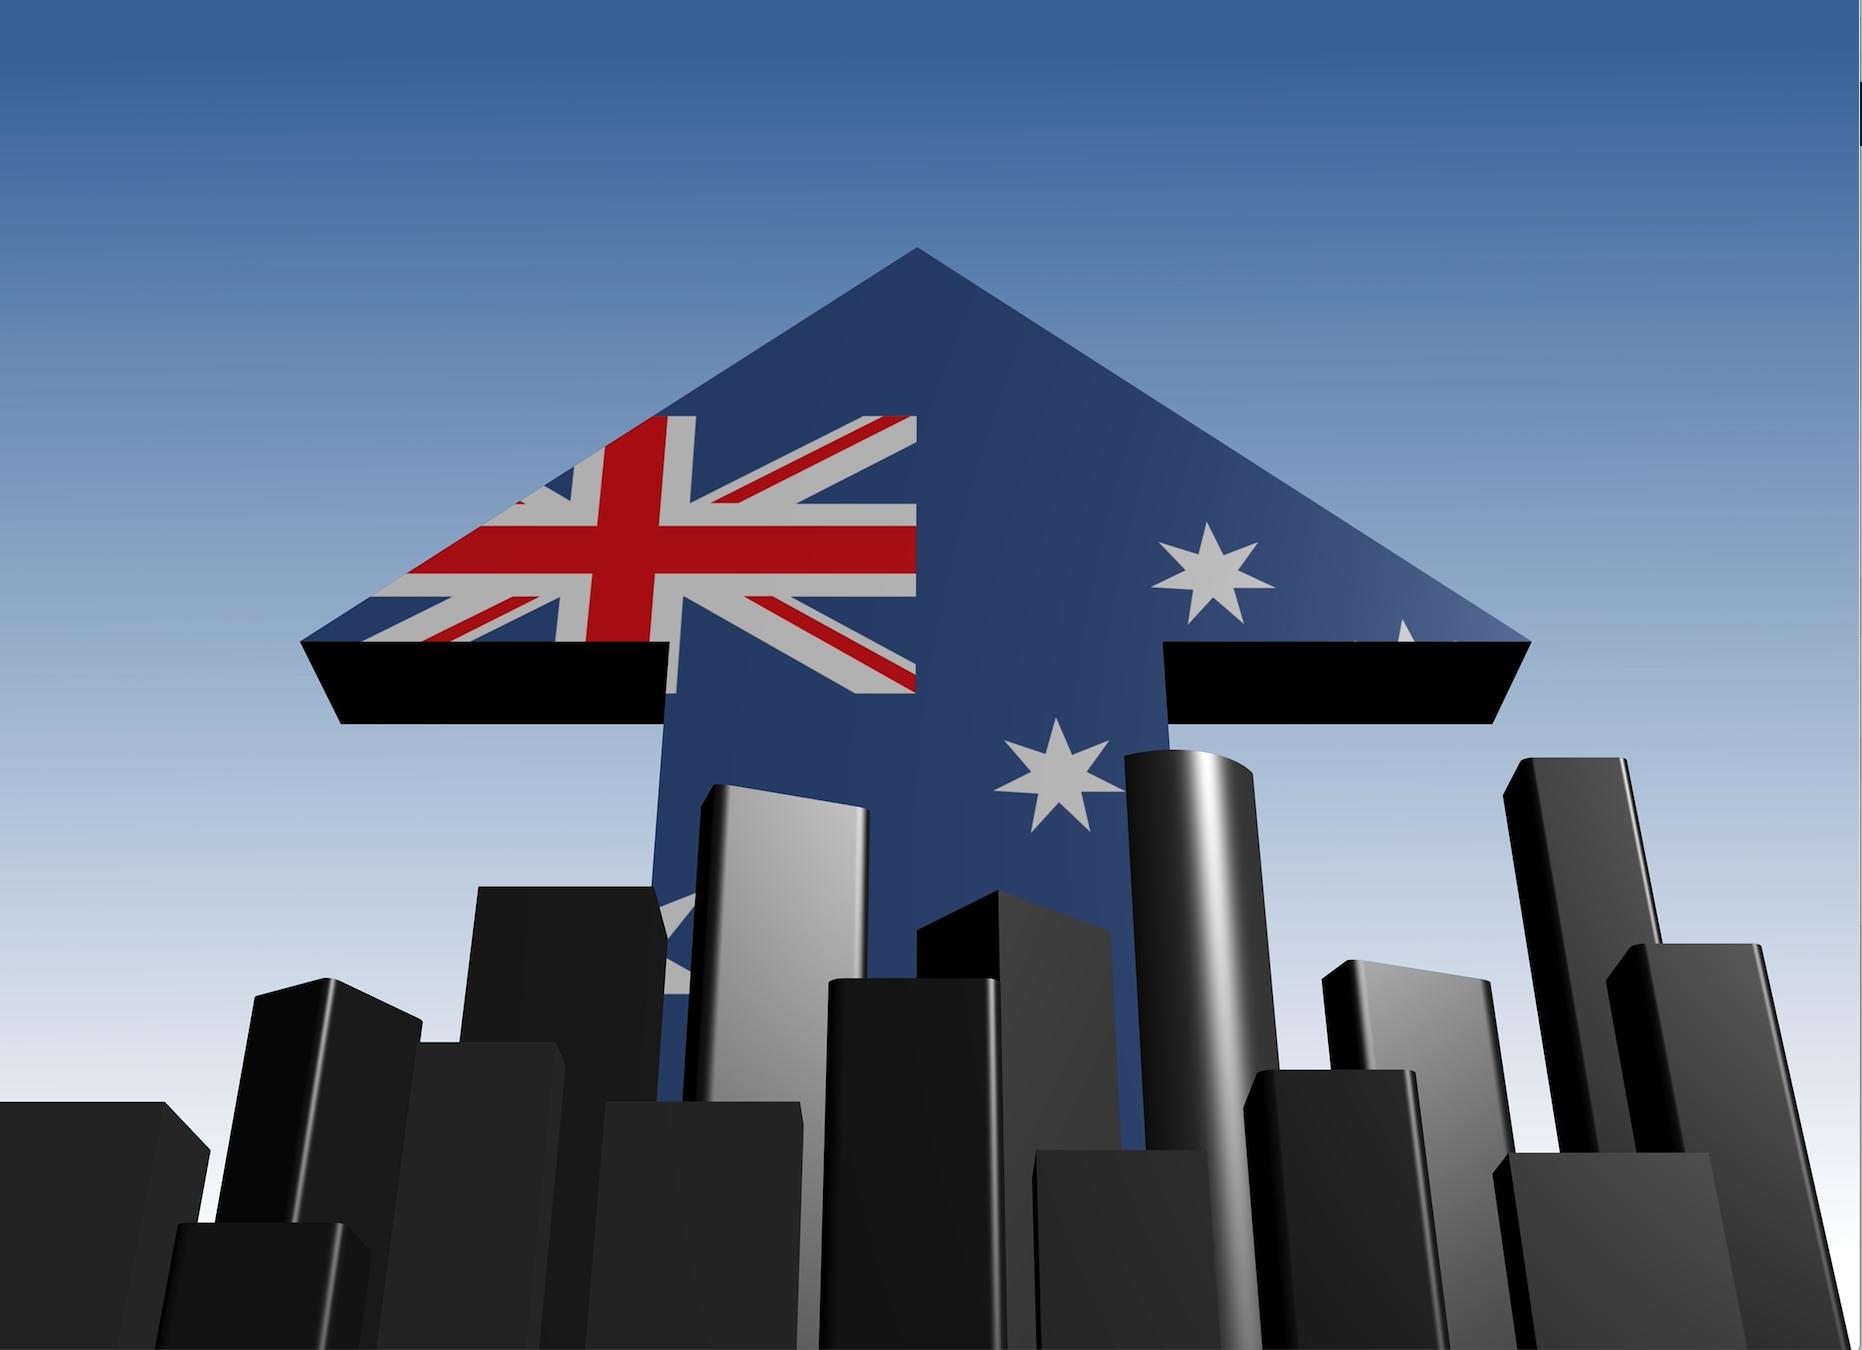 فيديو - البيانات الاقتصادية على الاسترالي وفرص تداولات الأسبوع